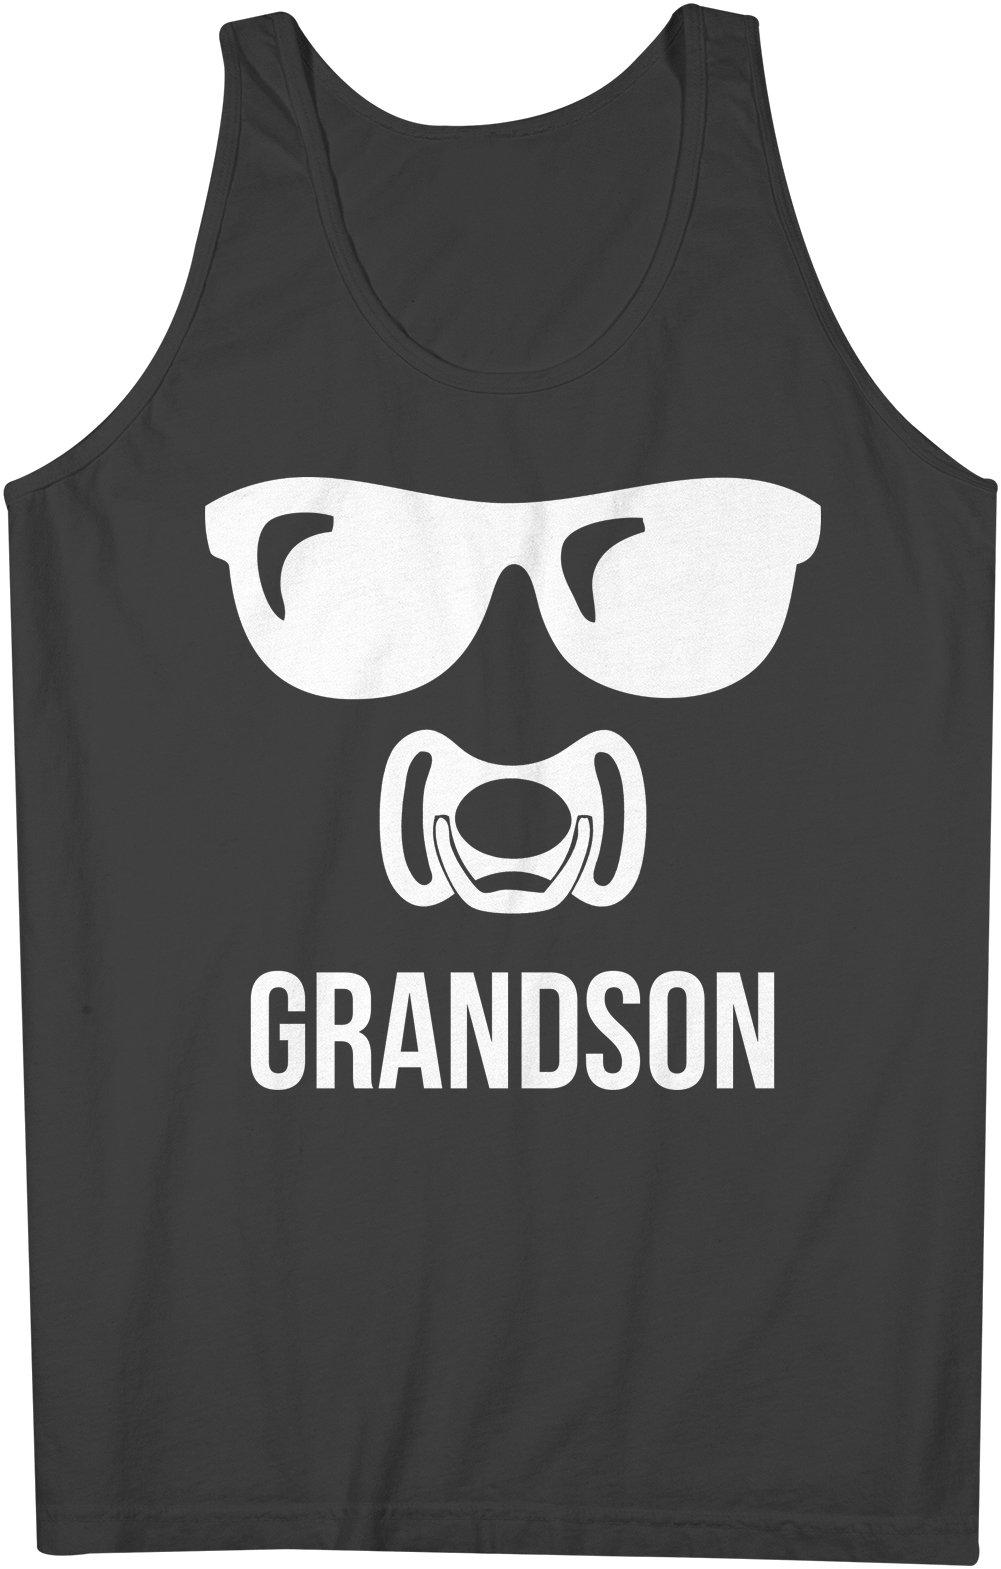 Grandson Tank Top Sleeveless Shirt 2240